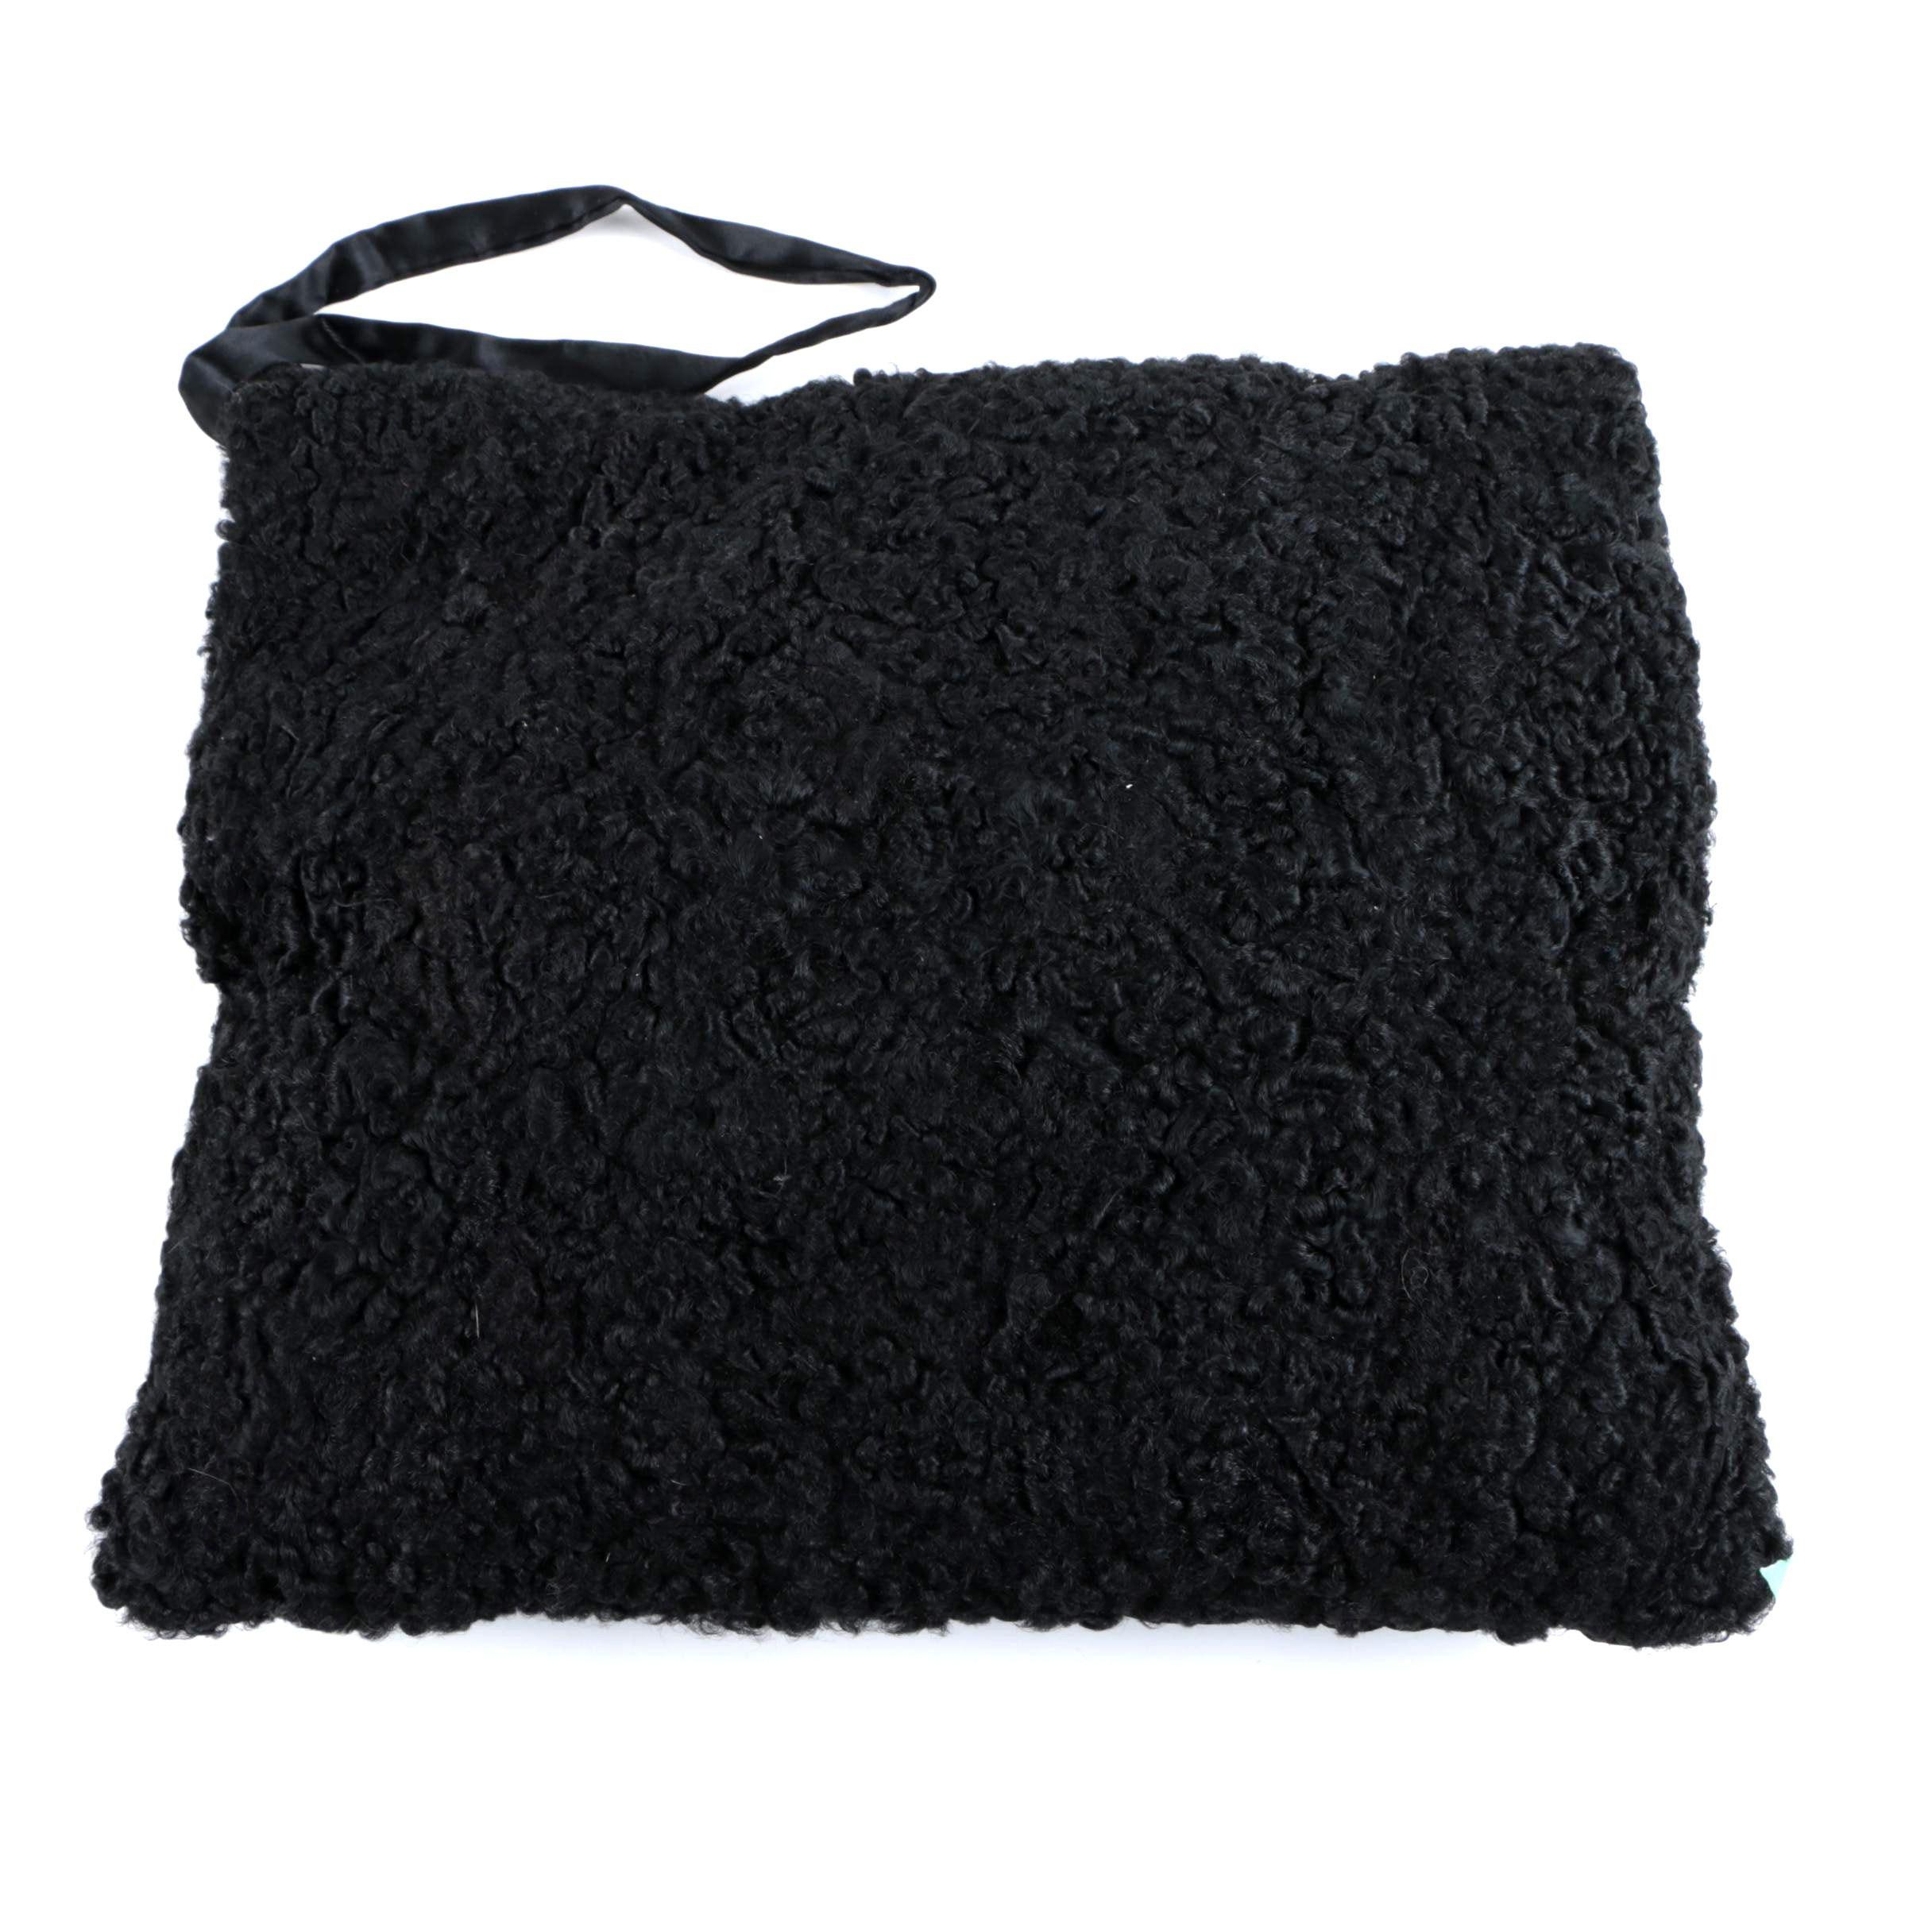 Vintage Black Persian Lamb Fur Muff